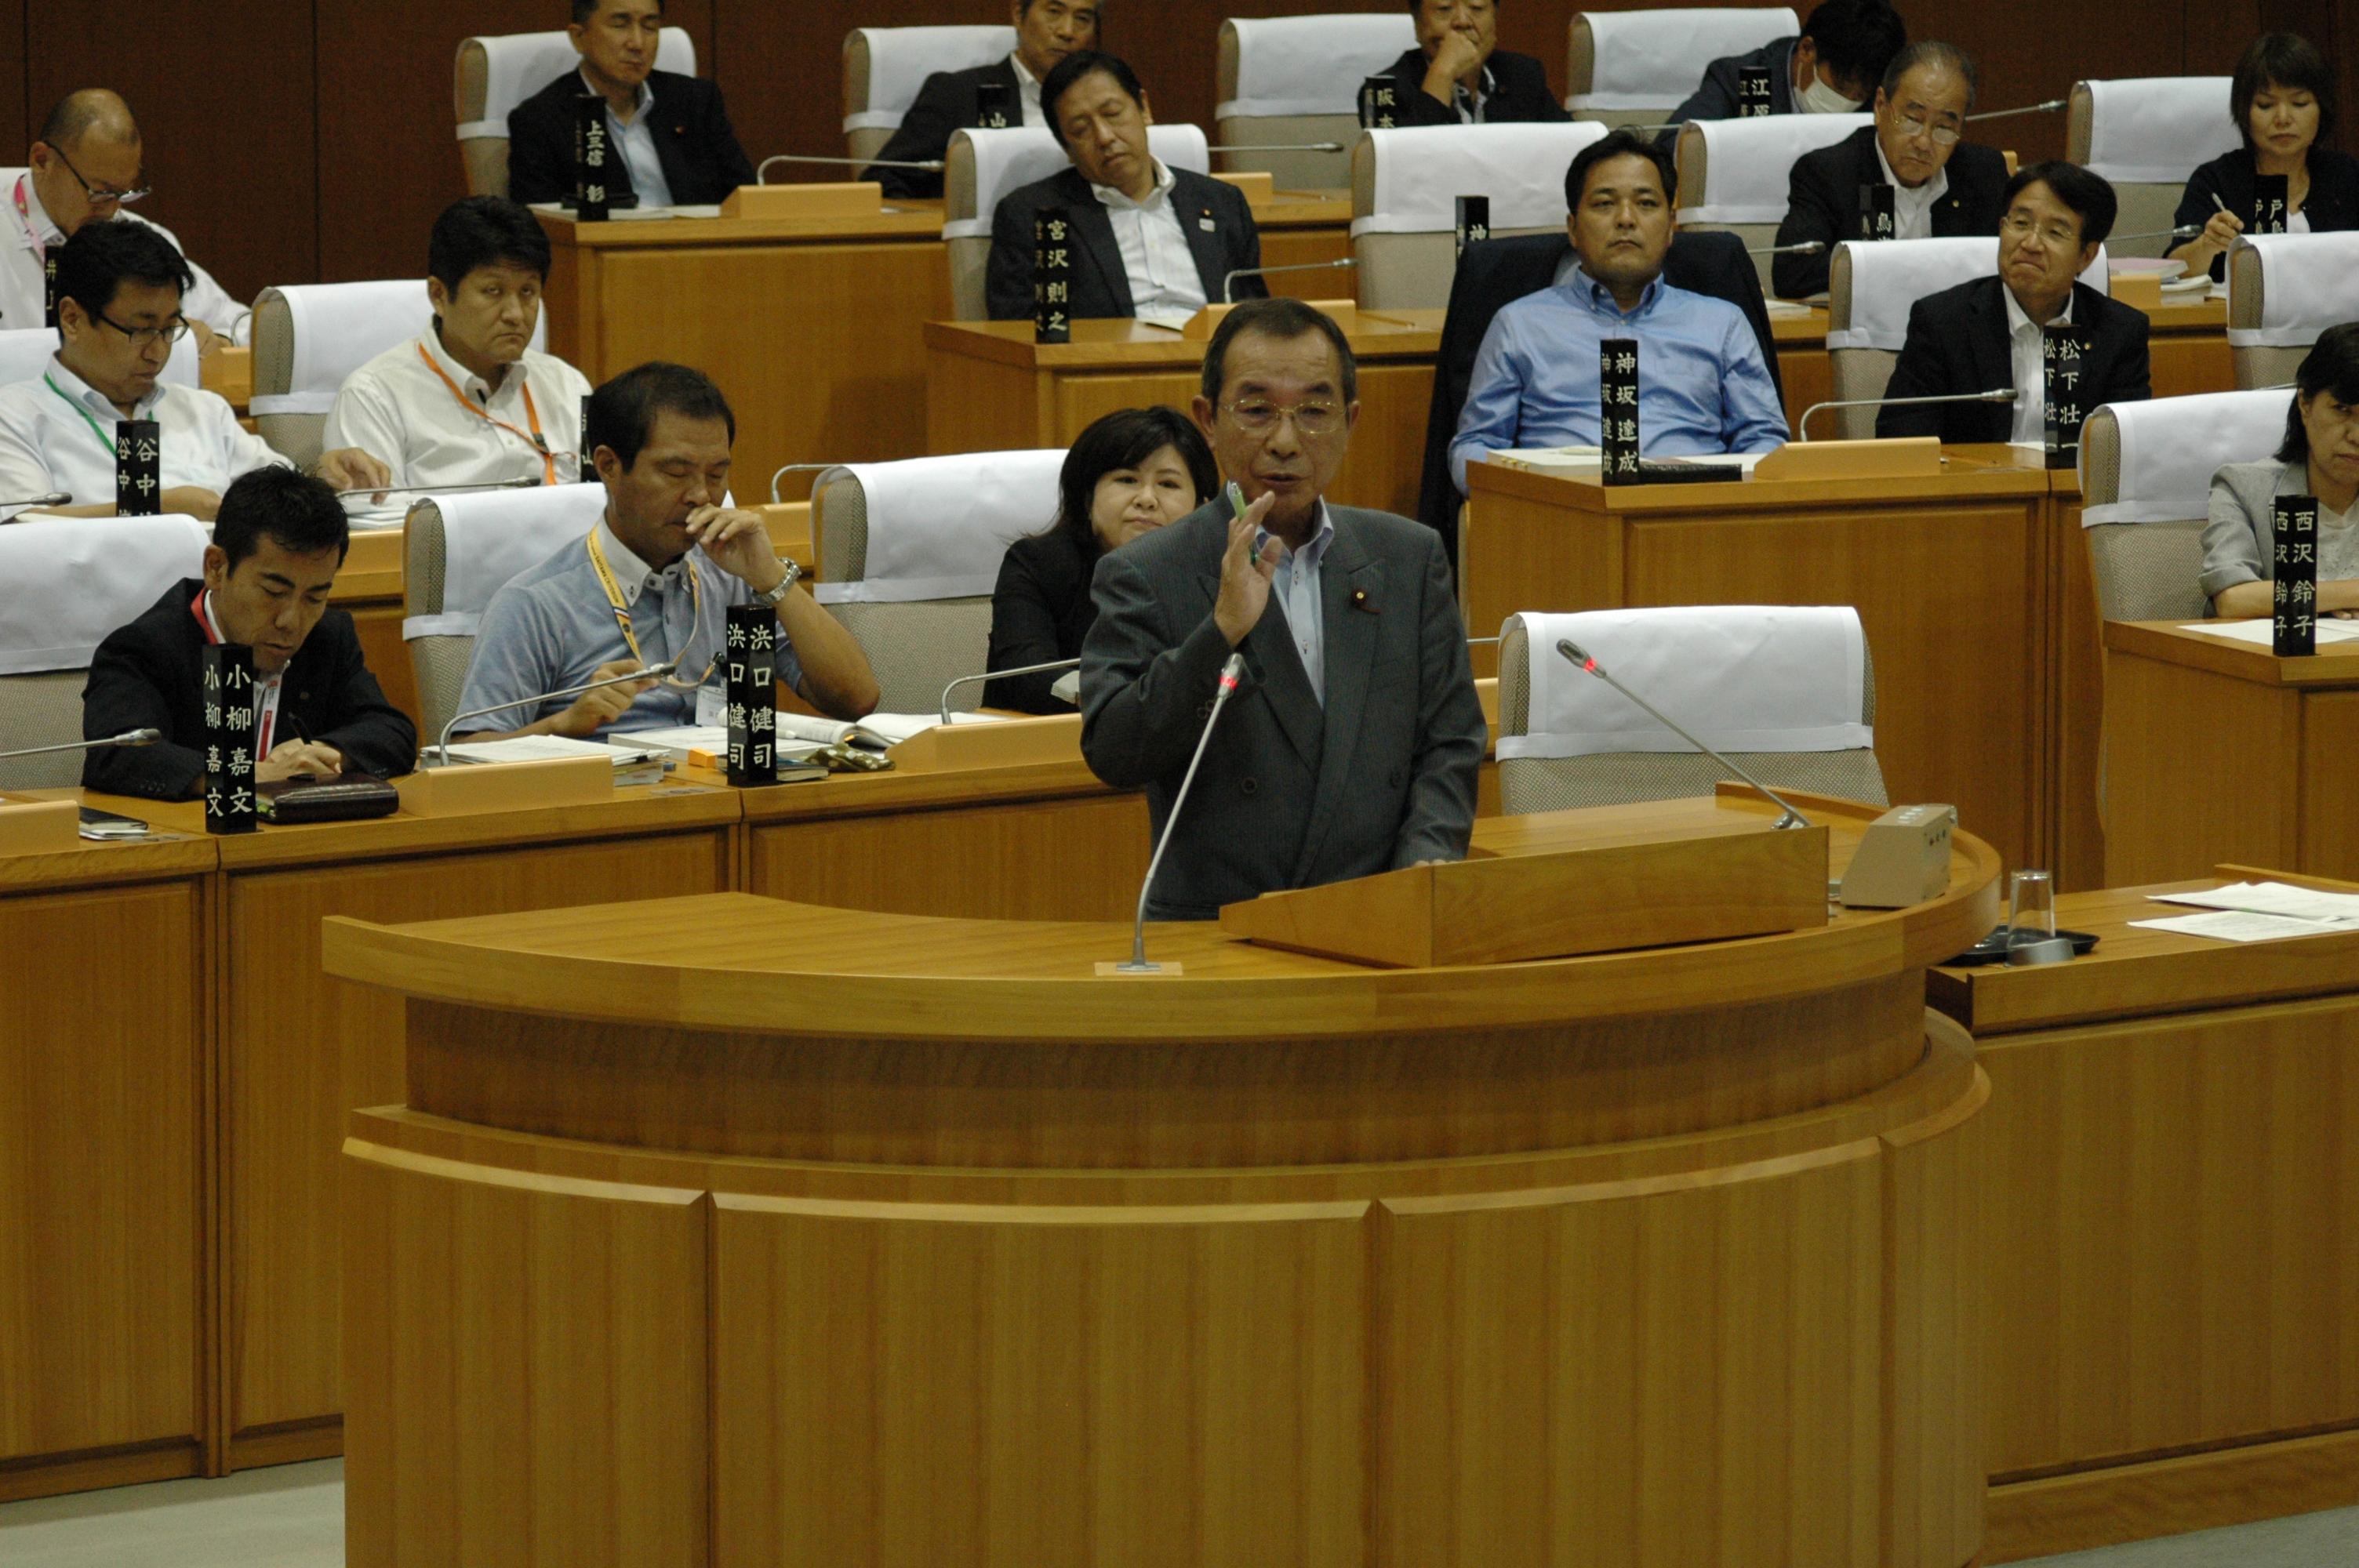 質疑を通して当局の姿勢を追及する神田よしゆき市議